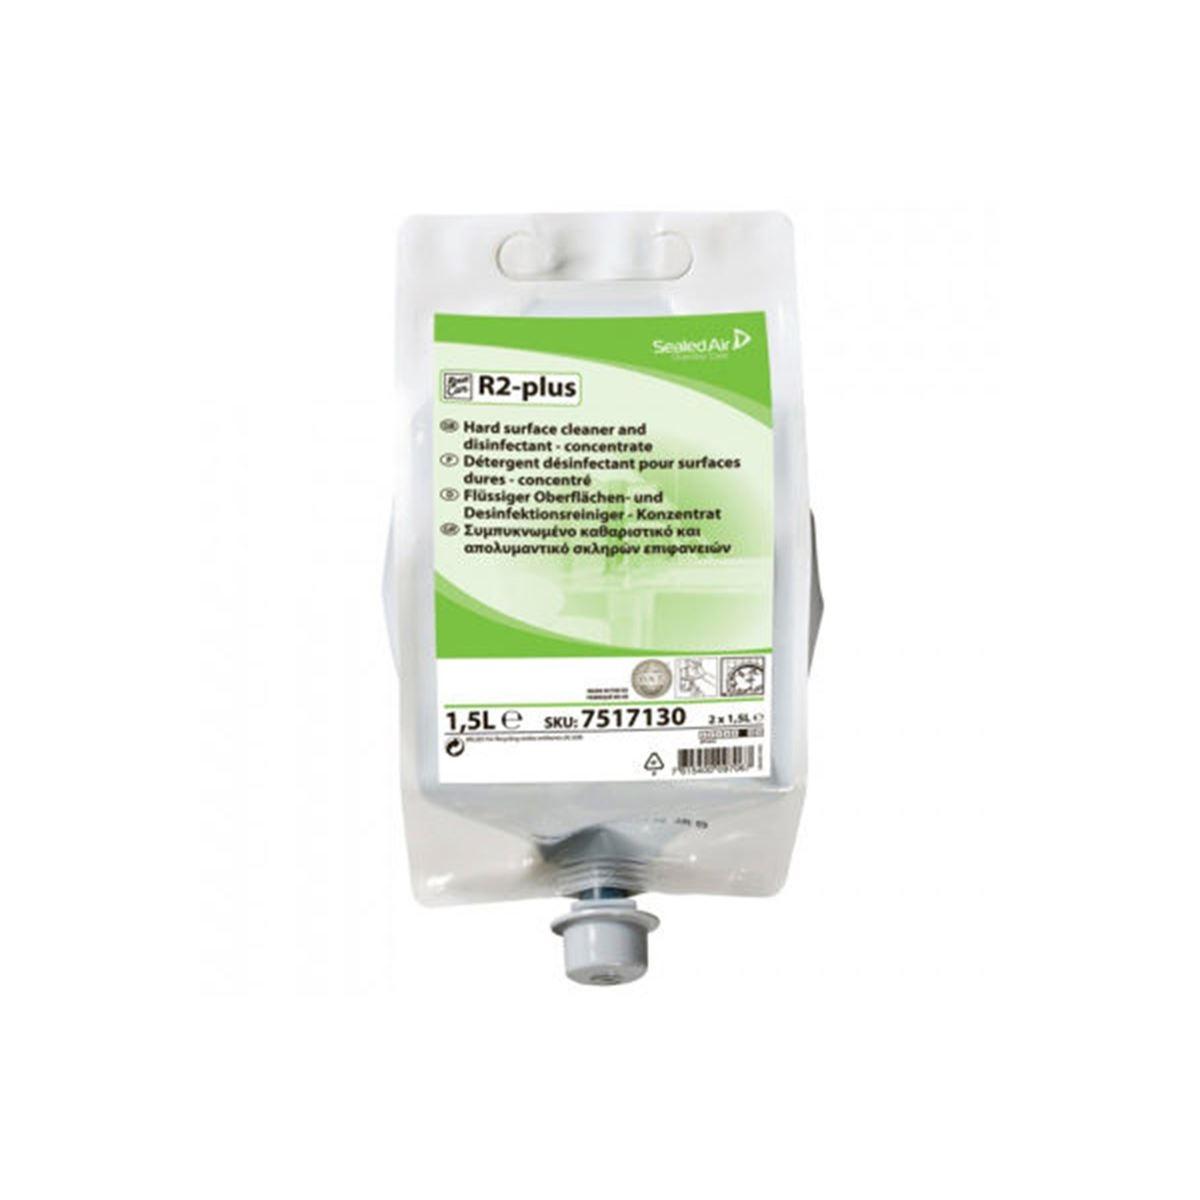 Diversey Room Care R2 Plus Çok Amaçlı Konsantre Yüzey Dezenfektanı 1,55kg (2'li koli) resmi